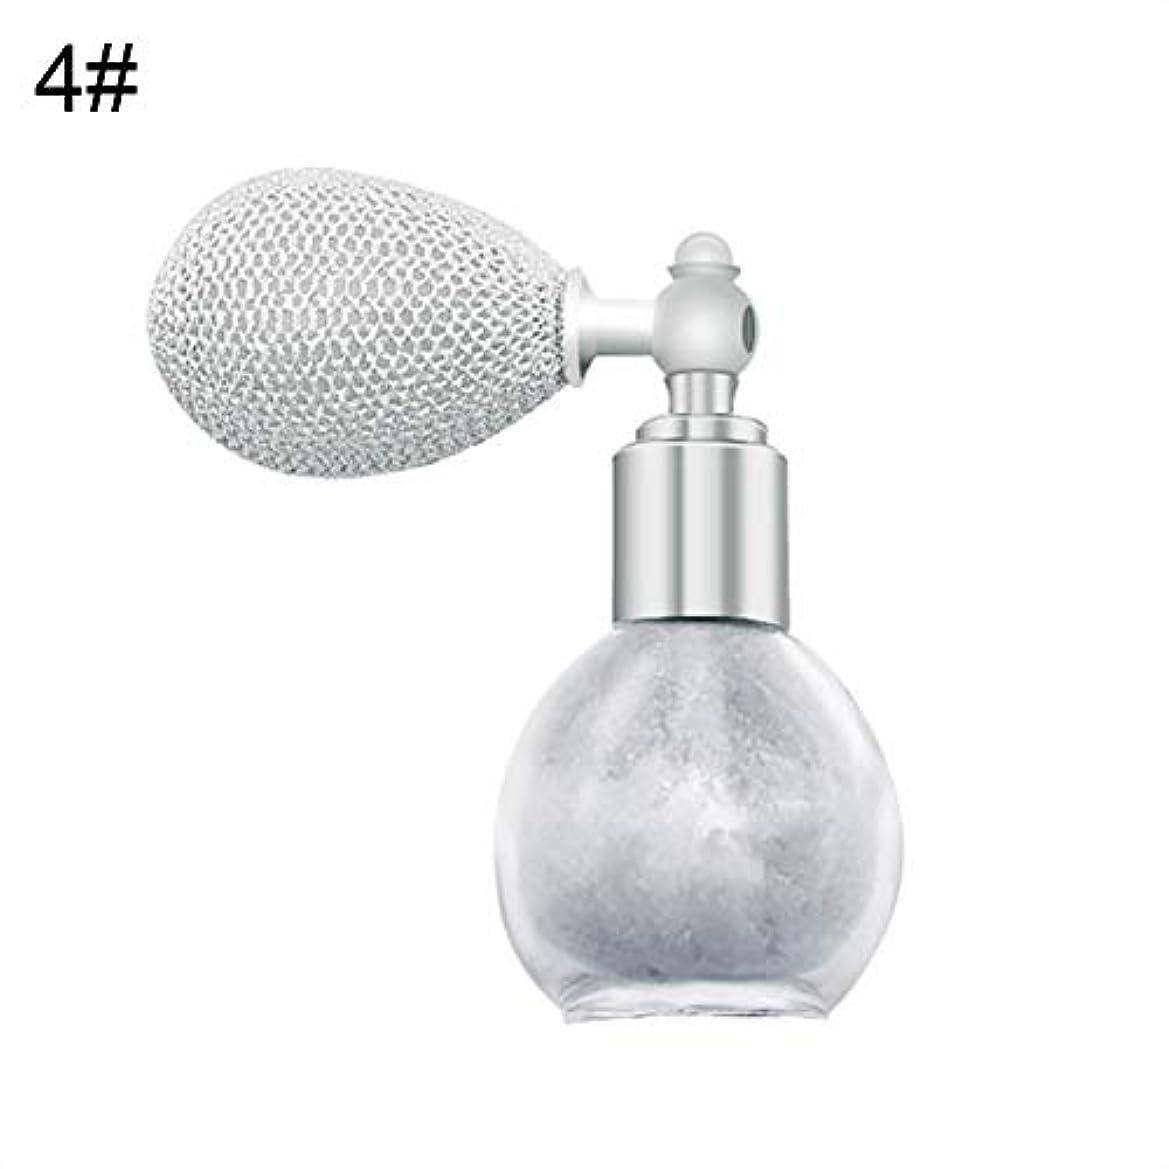 グレードバイソン夜FANA女性美容エアバッグスプレーフレグランスグリッターハイライトパウダー化粧品 - 4#